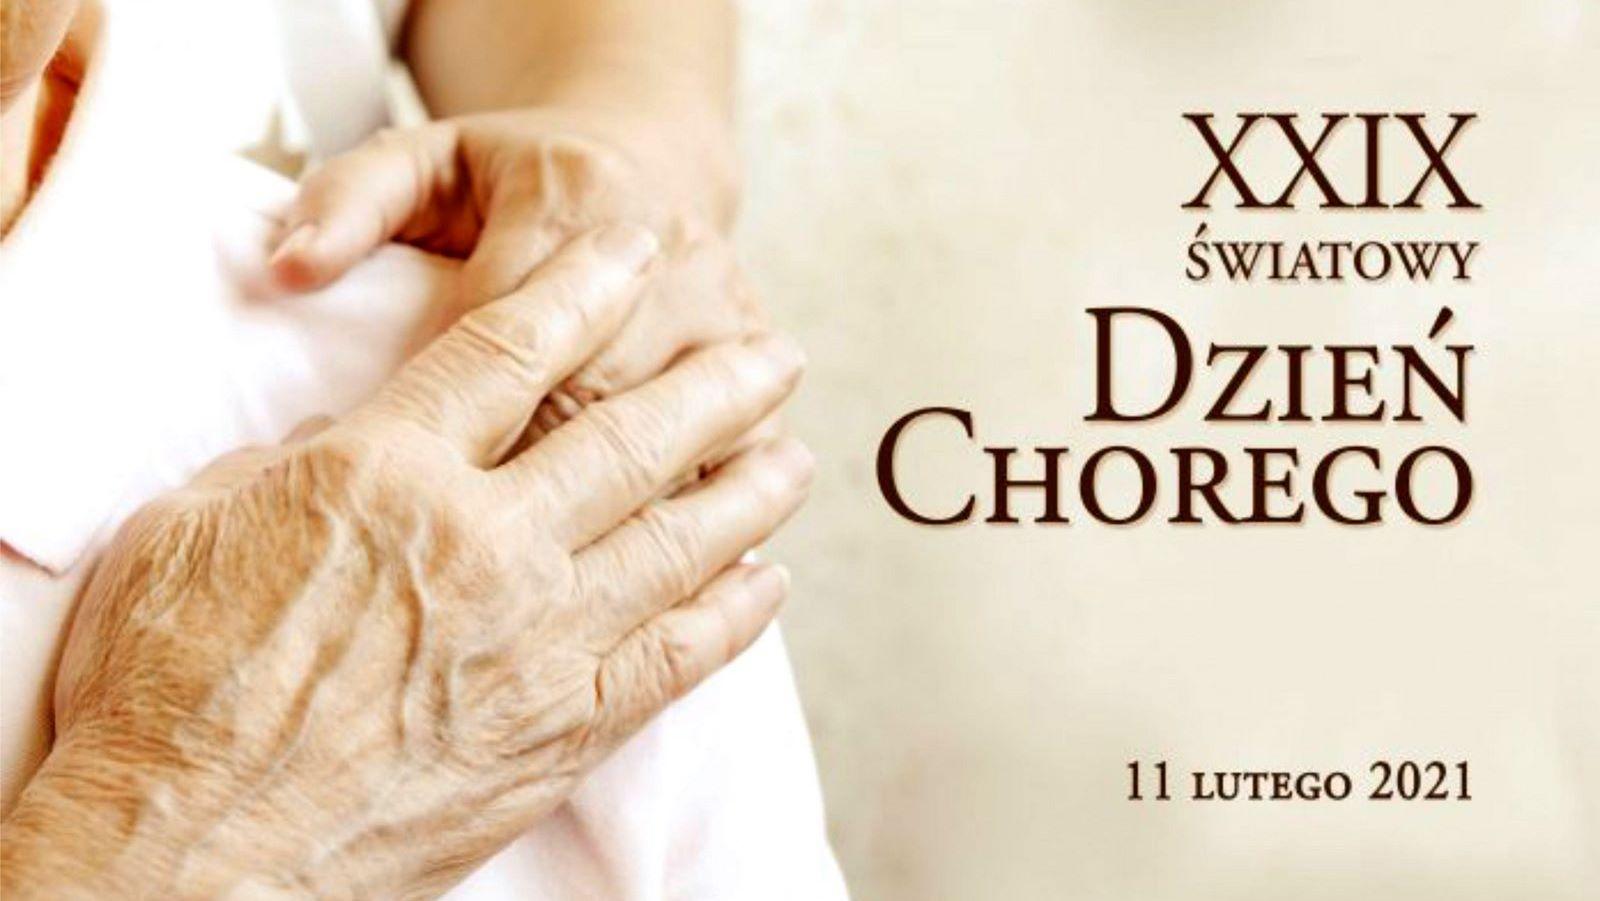 XIX Światowy Dzień Chorego